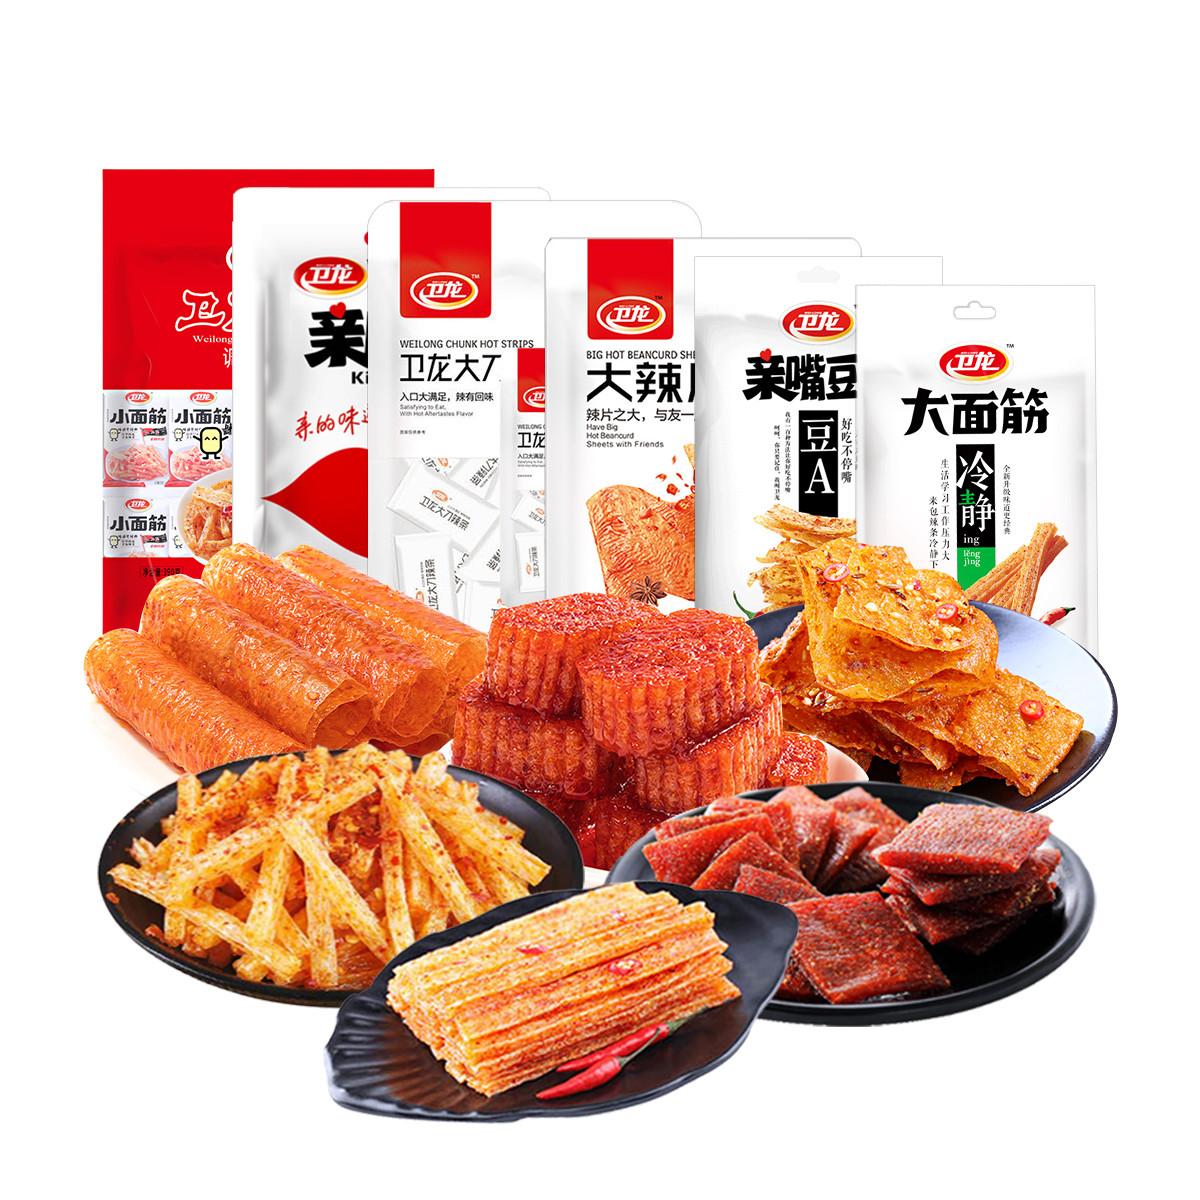 卫龙卫龙 辣条零食大礼包分享装 面筋魔芋爽网红休闲零食辣条COLOR其它颜色